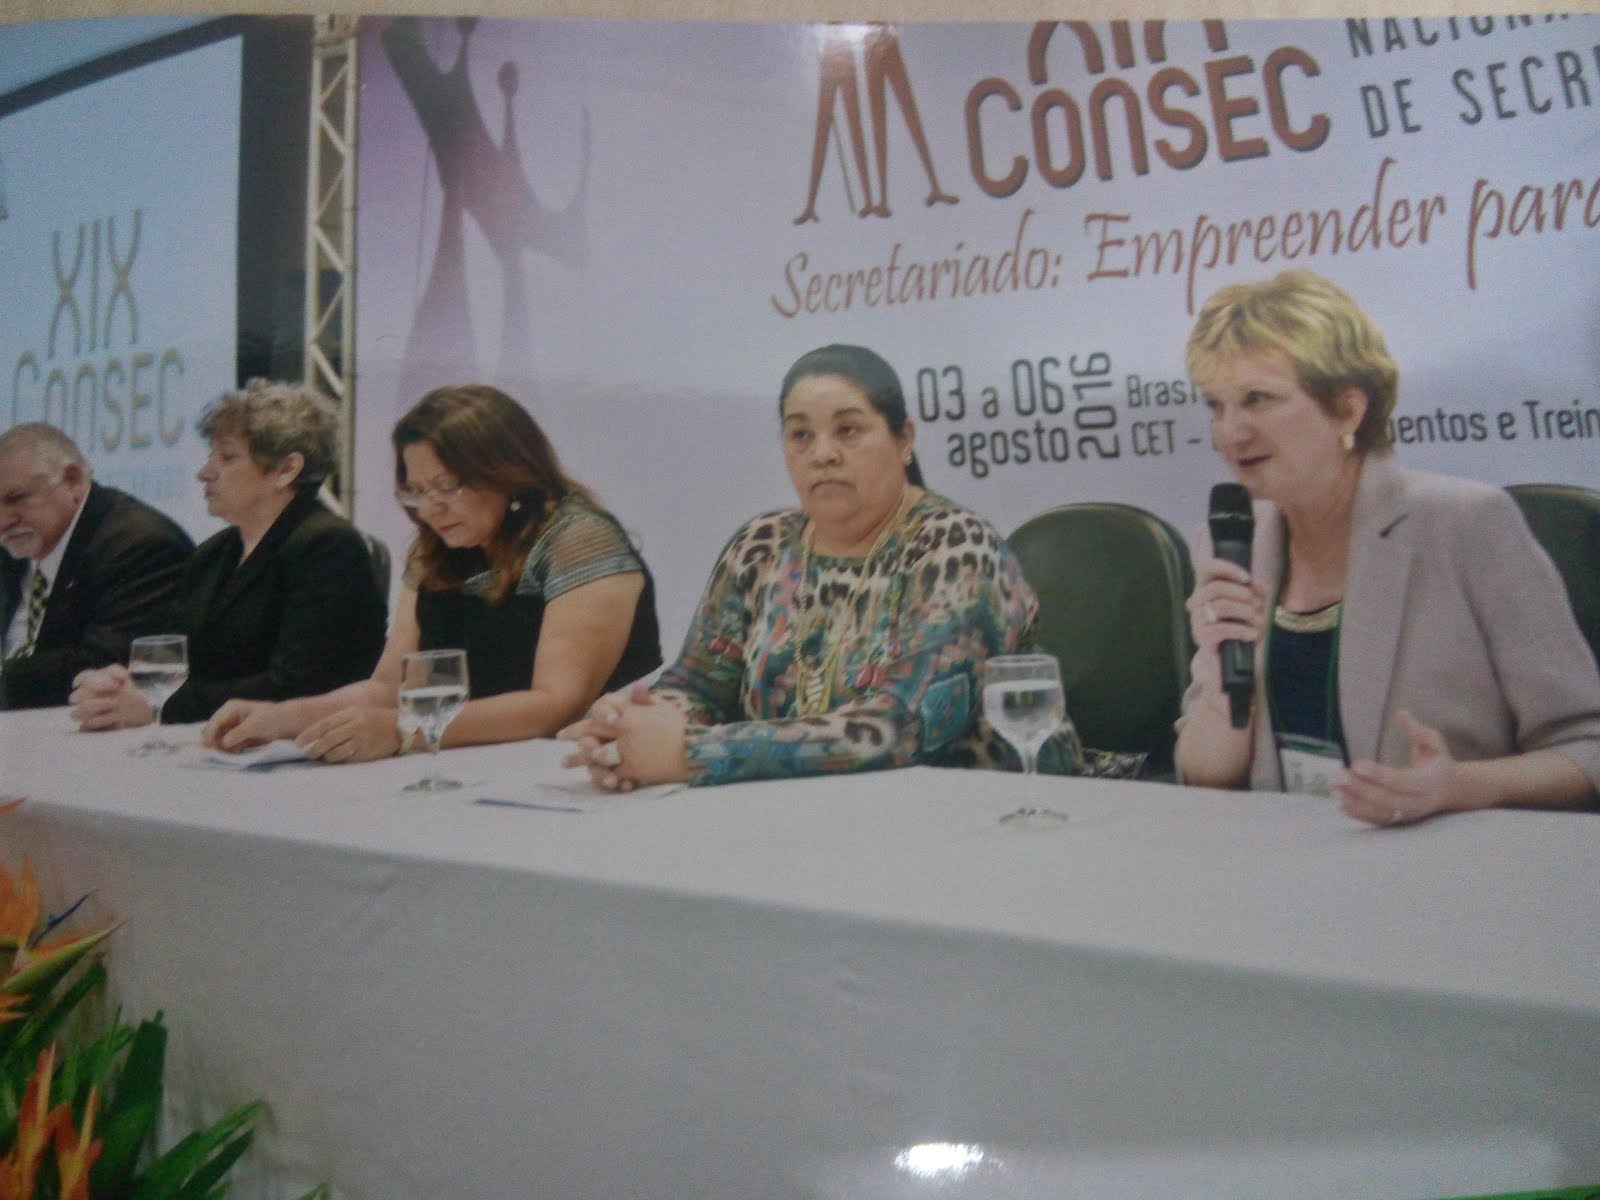 XIX CONSEC 2016